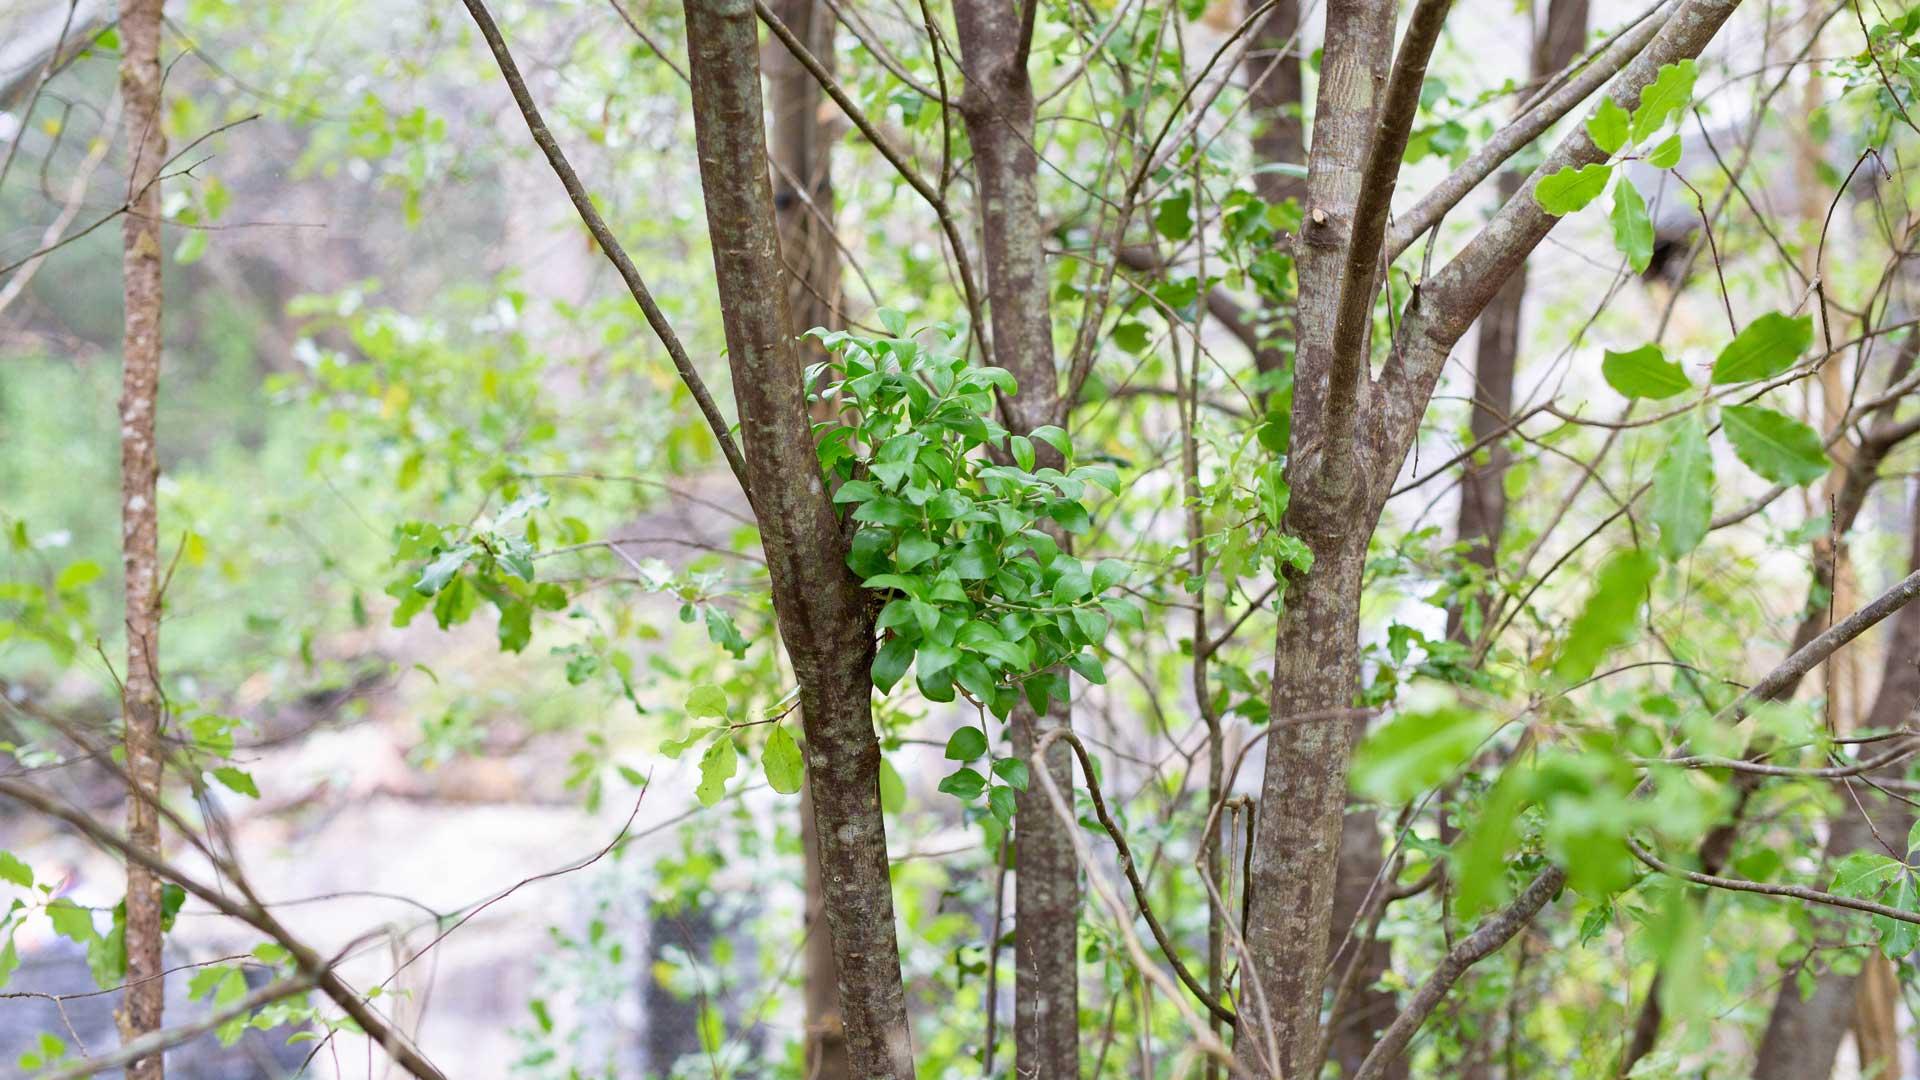 https://rfacdn.nz/zoo/assets/media/horticulture-blog-white-mistletoe-gallery-1.jpg